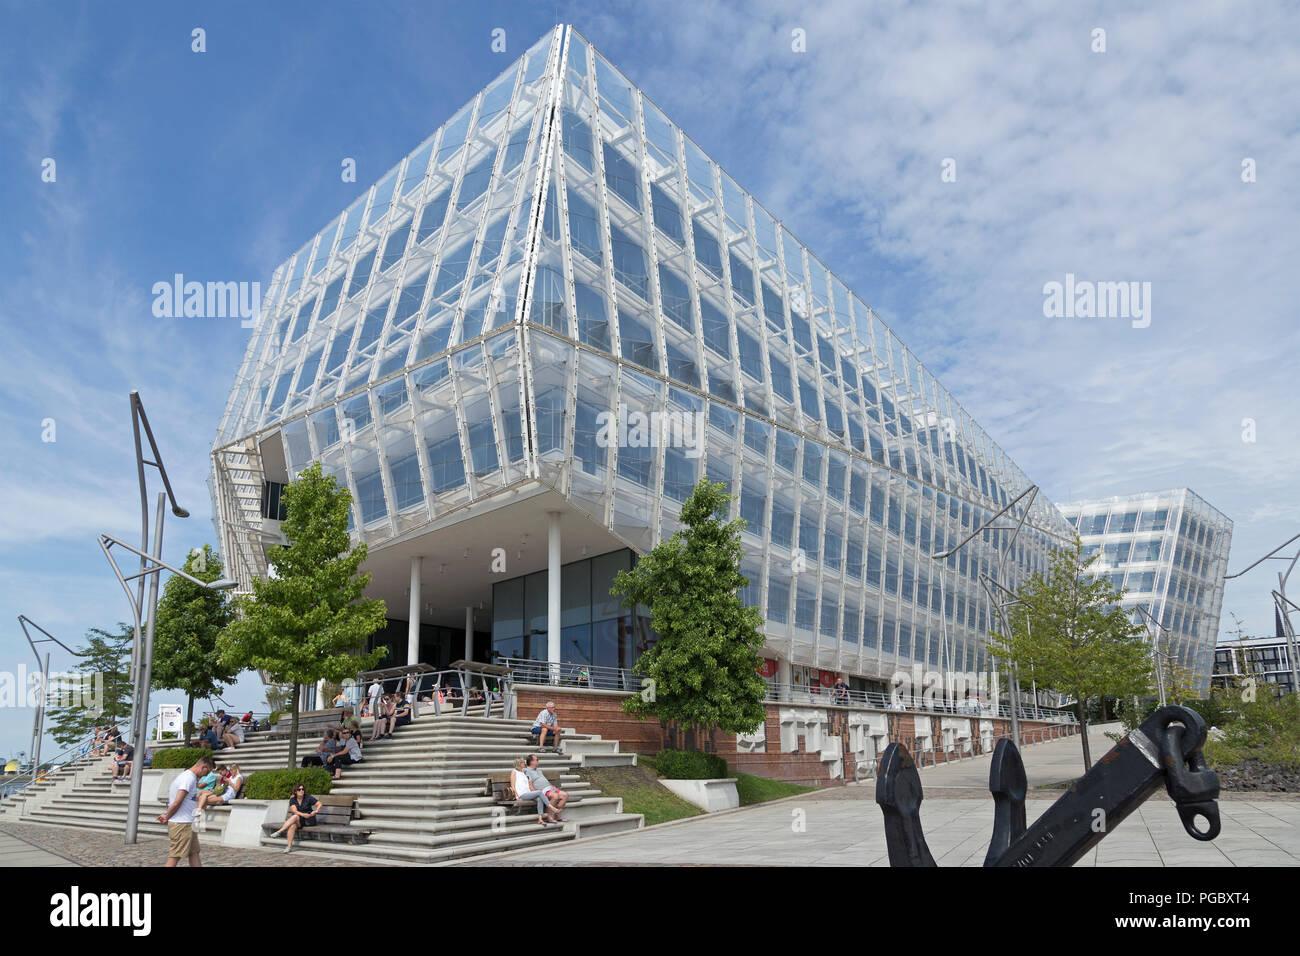 Unilever House, HafenCity (Harbour City), Hamburg, Germany - Stock Image